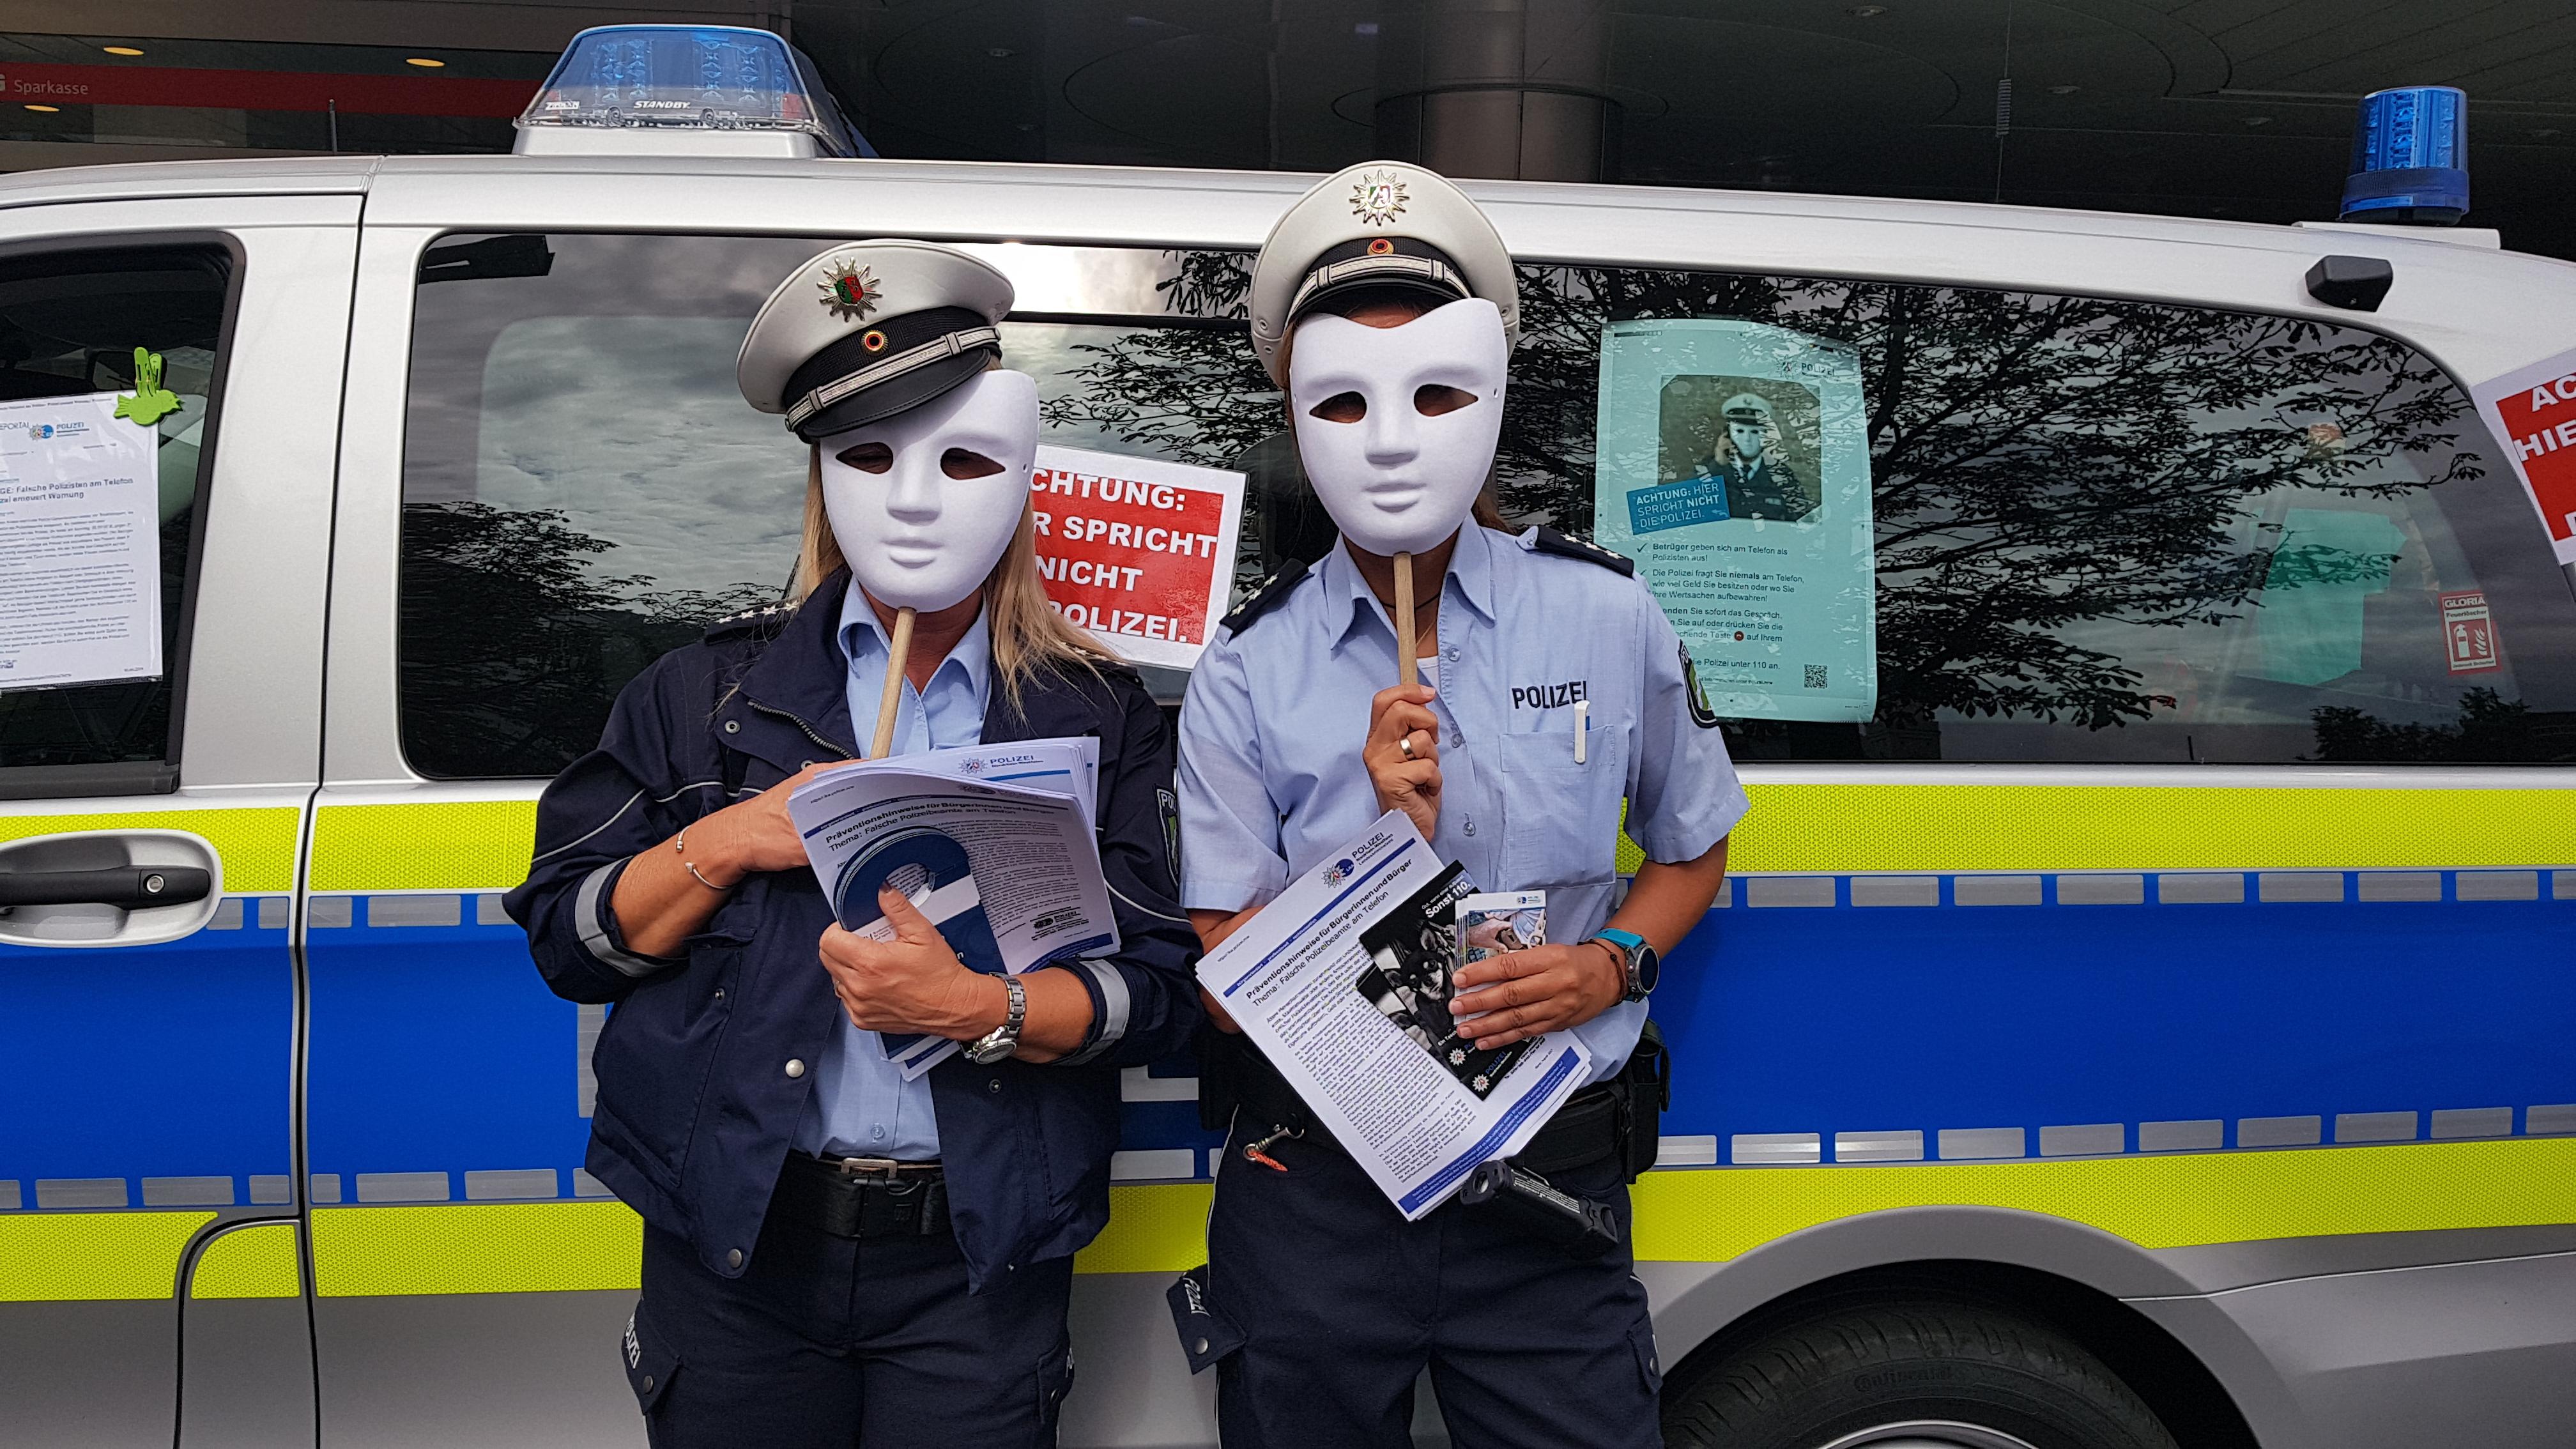 Achtung vor dem falschen Polizisten